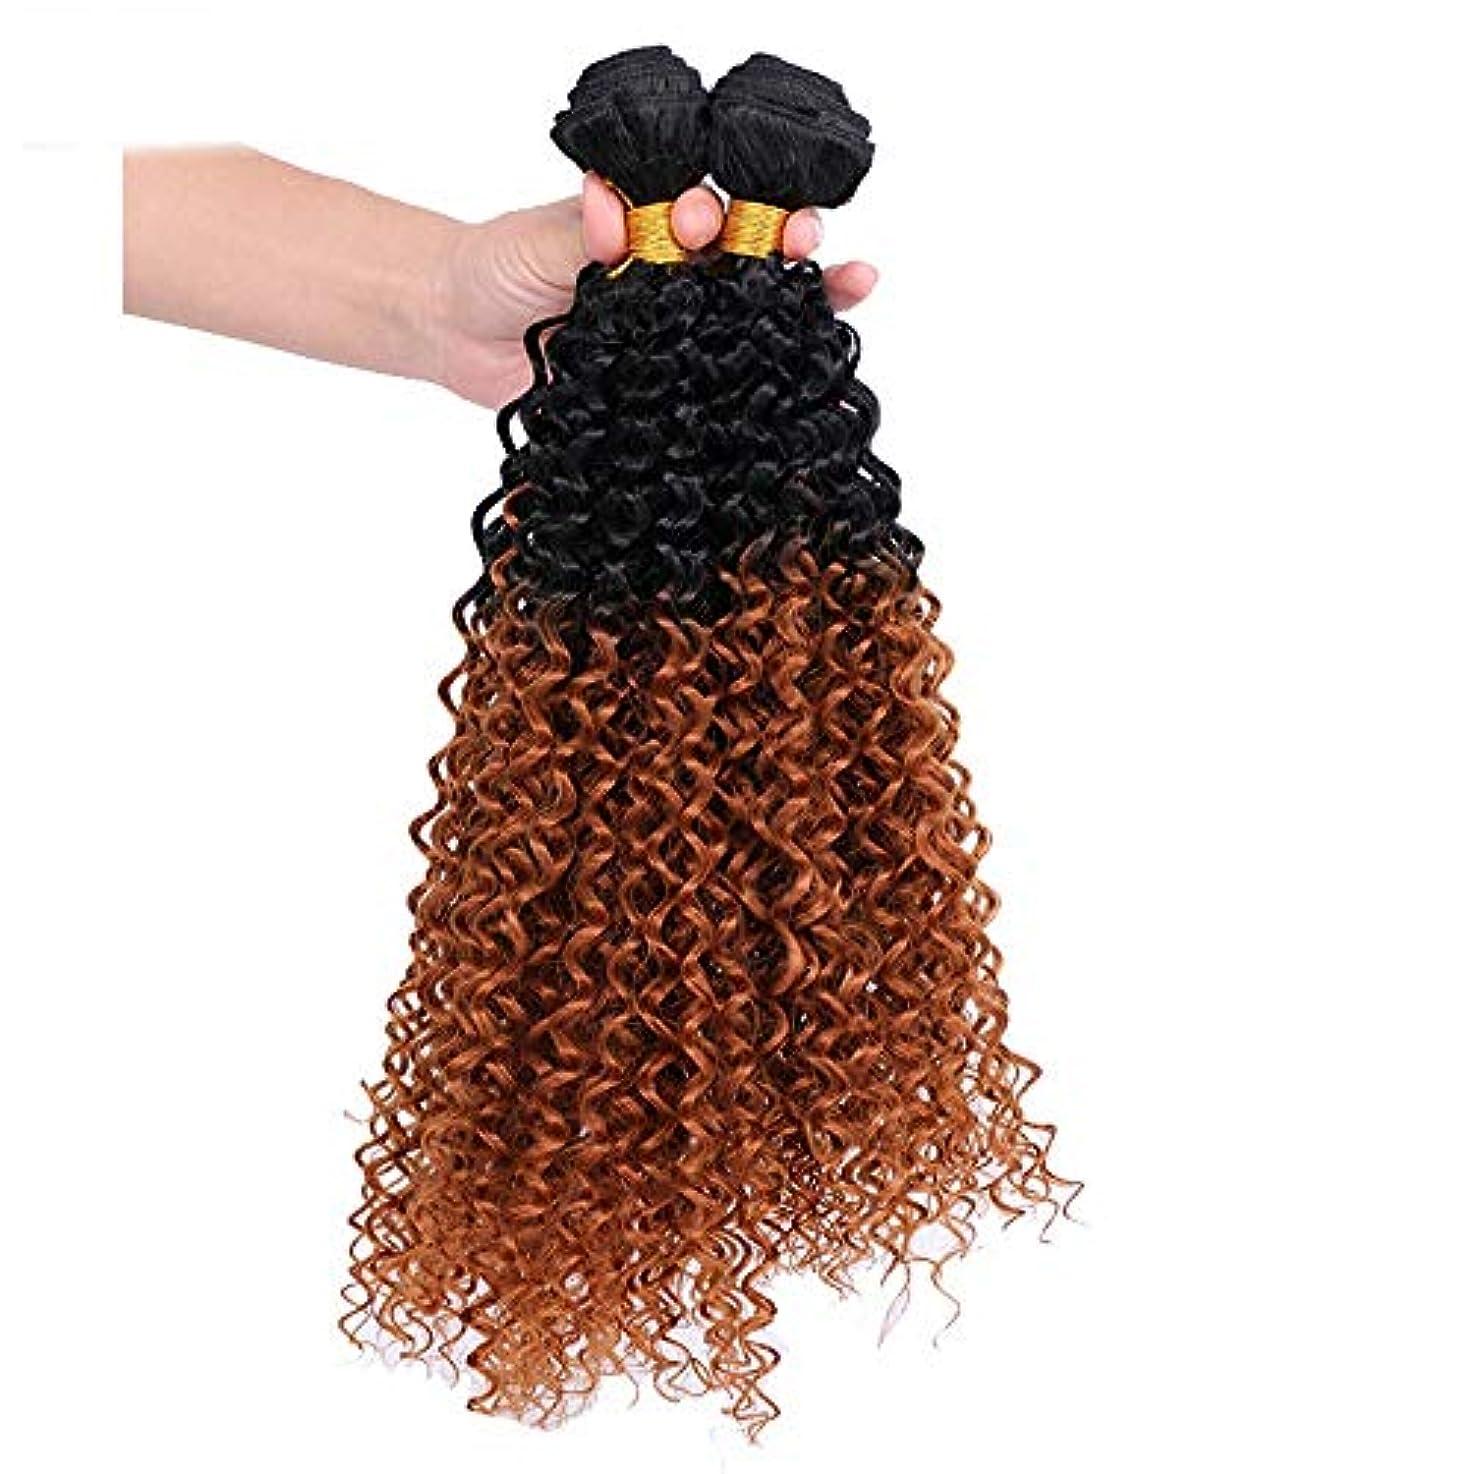 サーマル画像調整するHOHYLLYA 茶色のグラデーション巻き毛の女性のためのコスプレパーティードレス(3バンドル)合成髪レースかつらロールプレイングかつらロングとショートの女性自然 (色 : ブラウン, サイズ : 24inch)